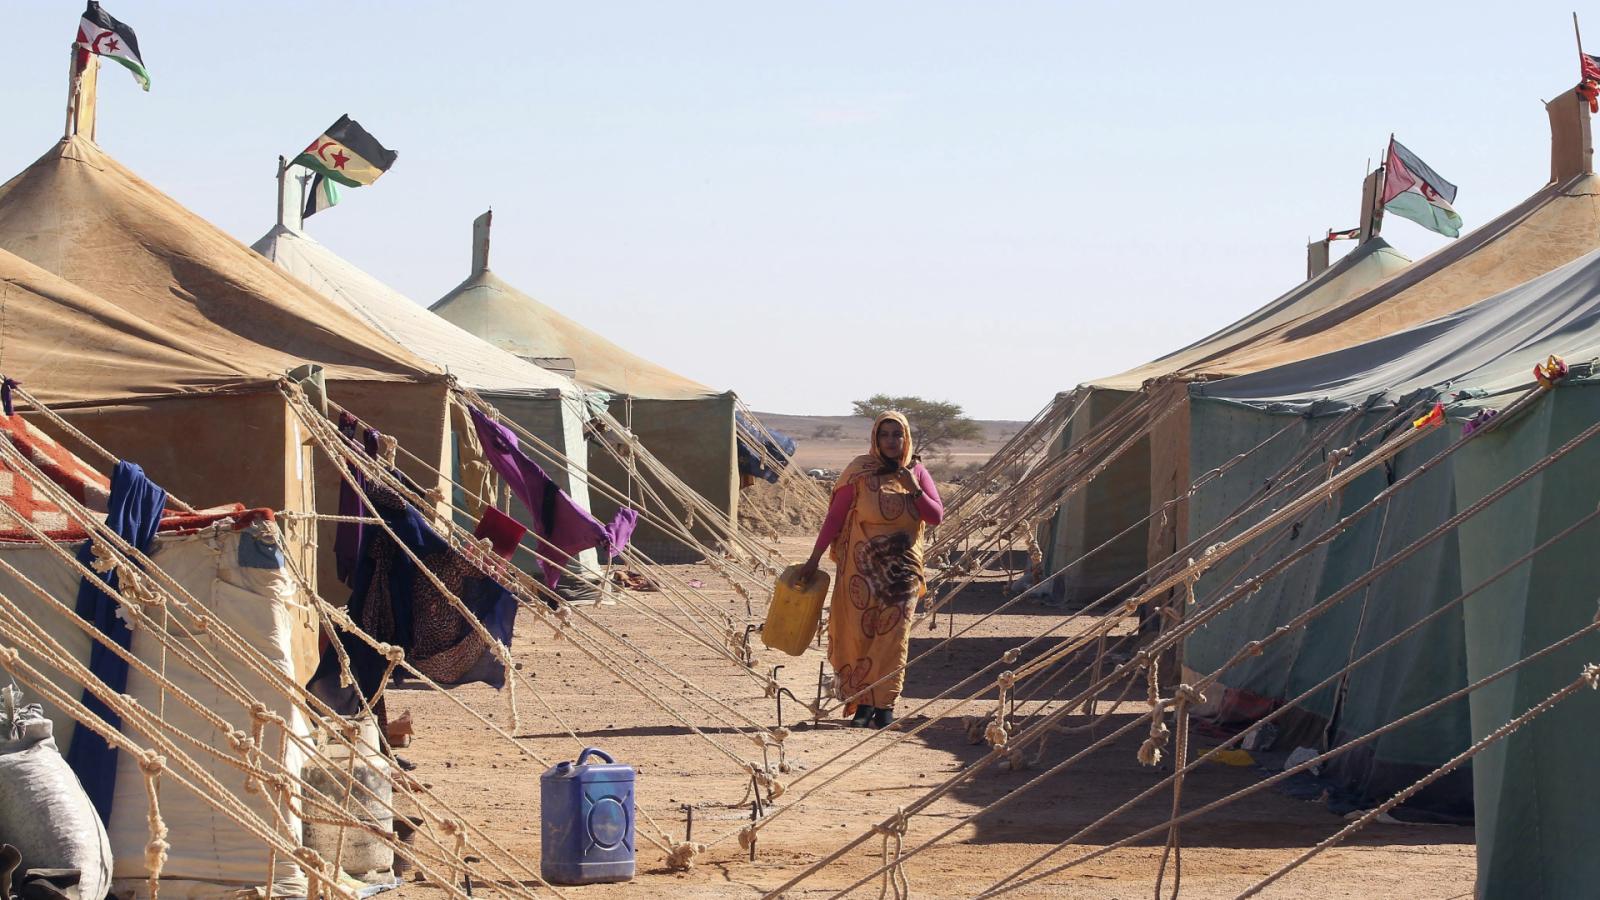 Reportajes RNE - Sáhara Occidental: 45 años de abandono - Escuchar ahora